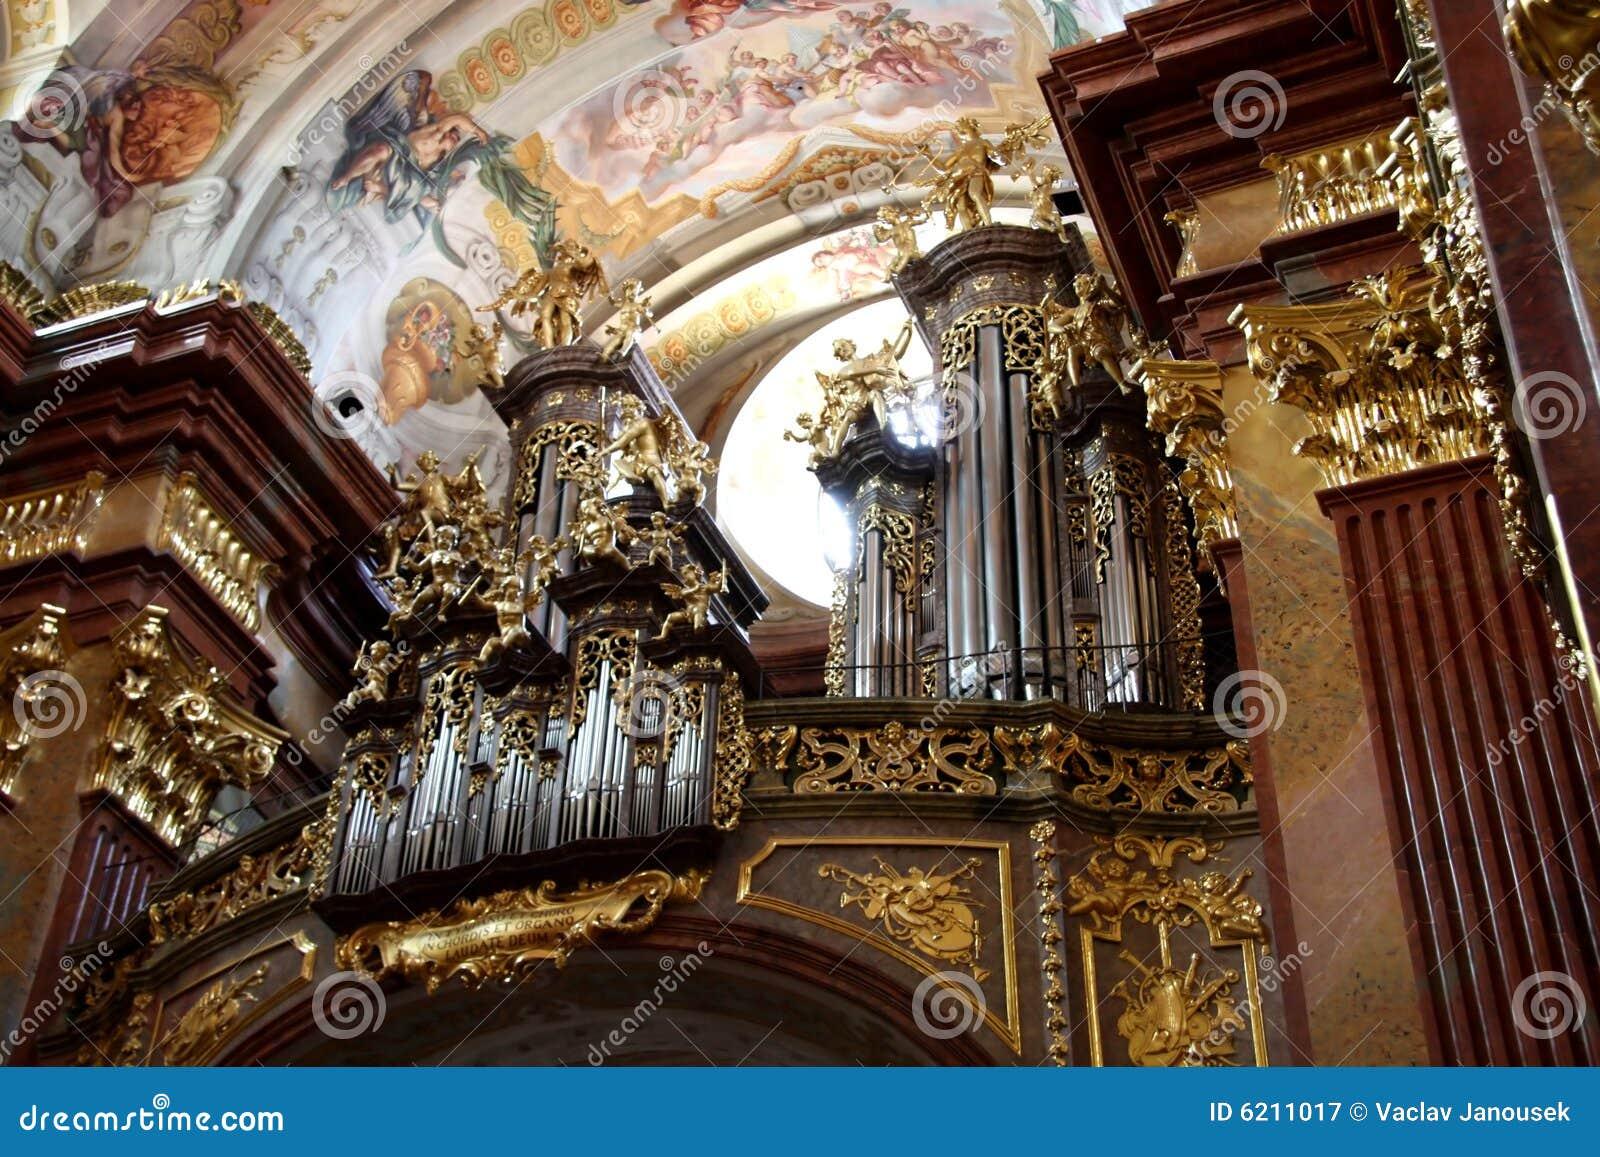 Organ in Melk